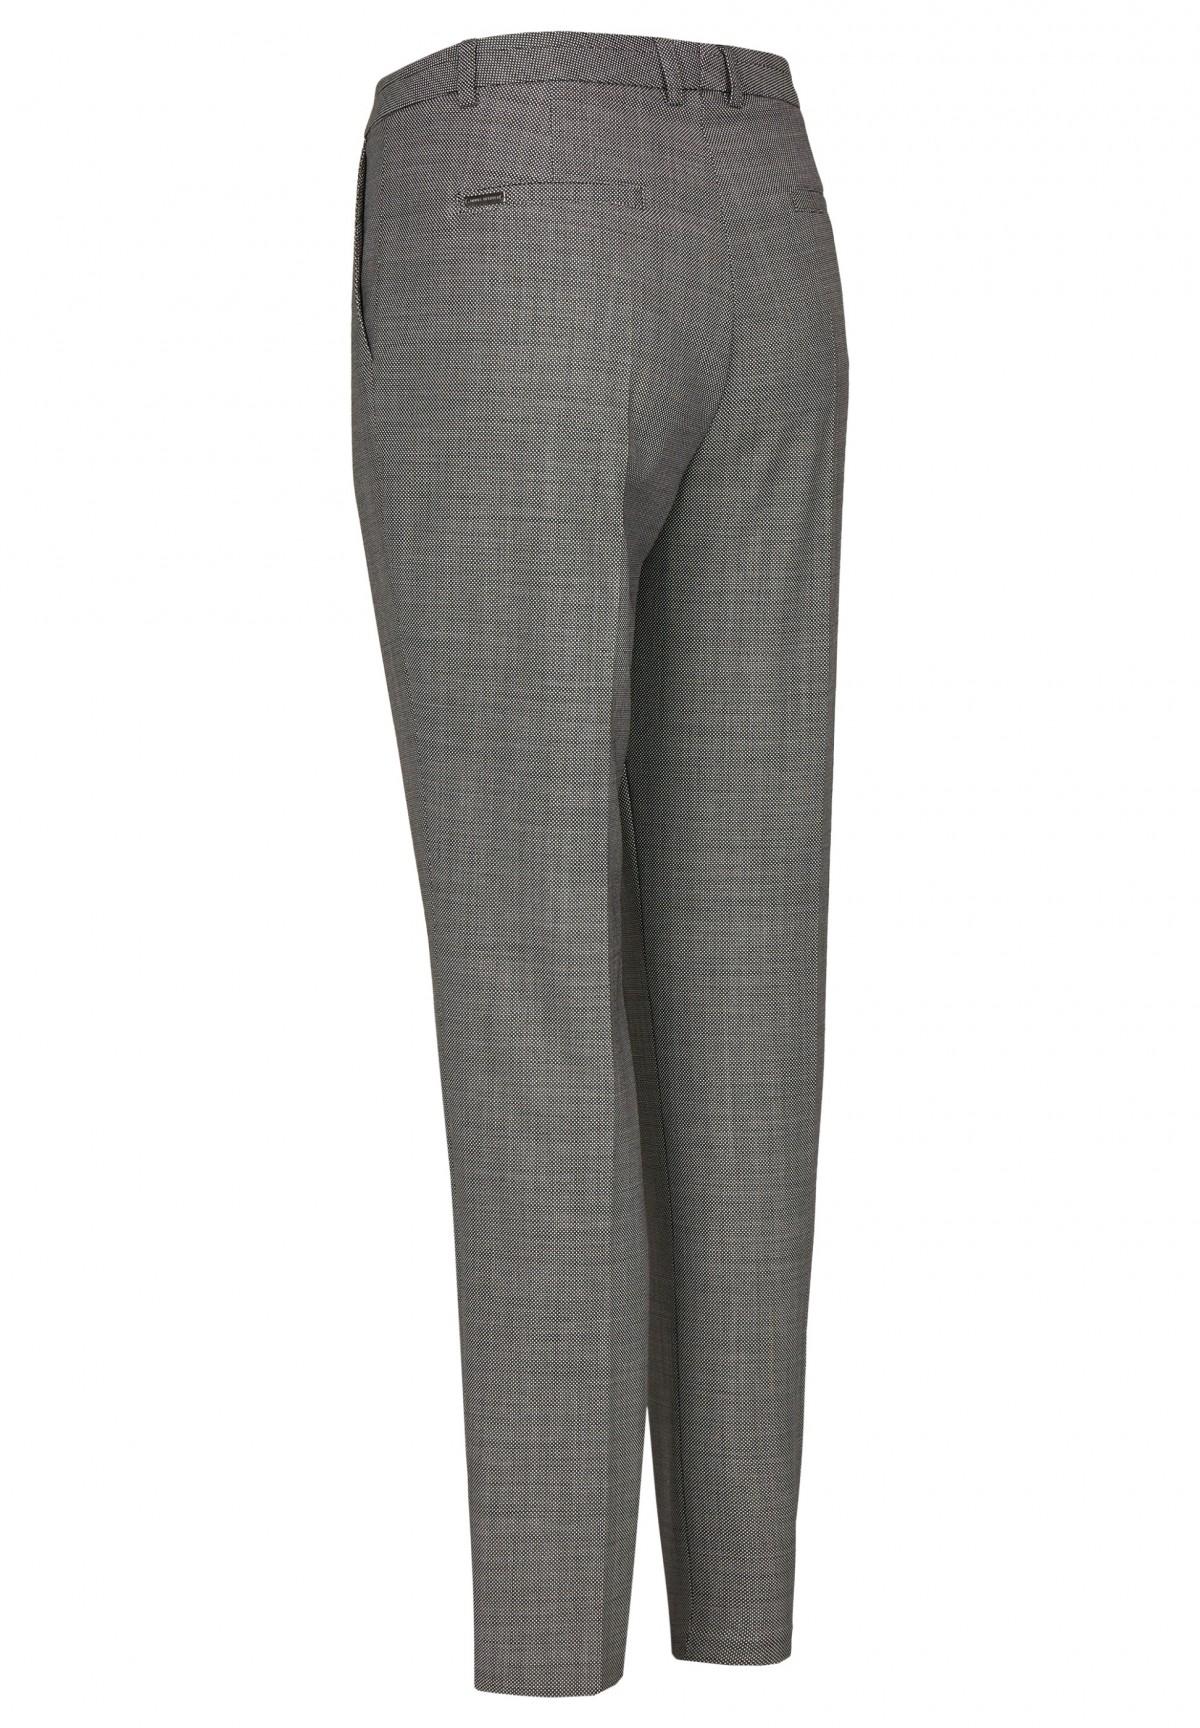 Pantalon droit classique /